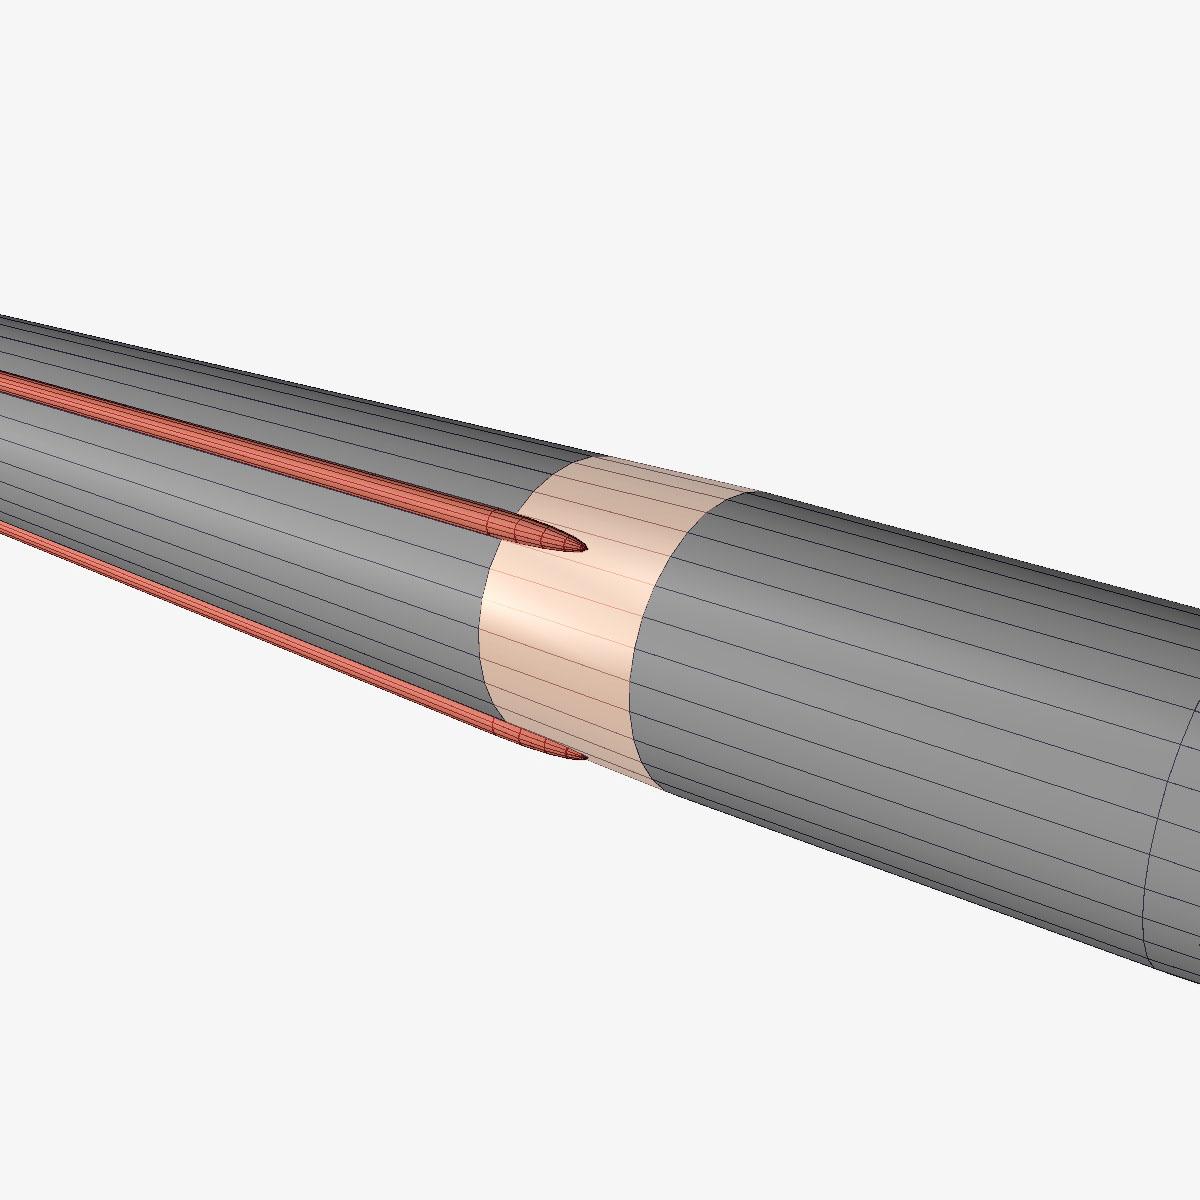 aerobee 170 raķete 3d modelis 3ds dxf fbx blend cob dae x obj 166044